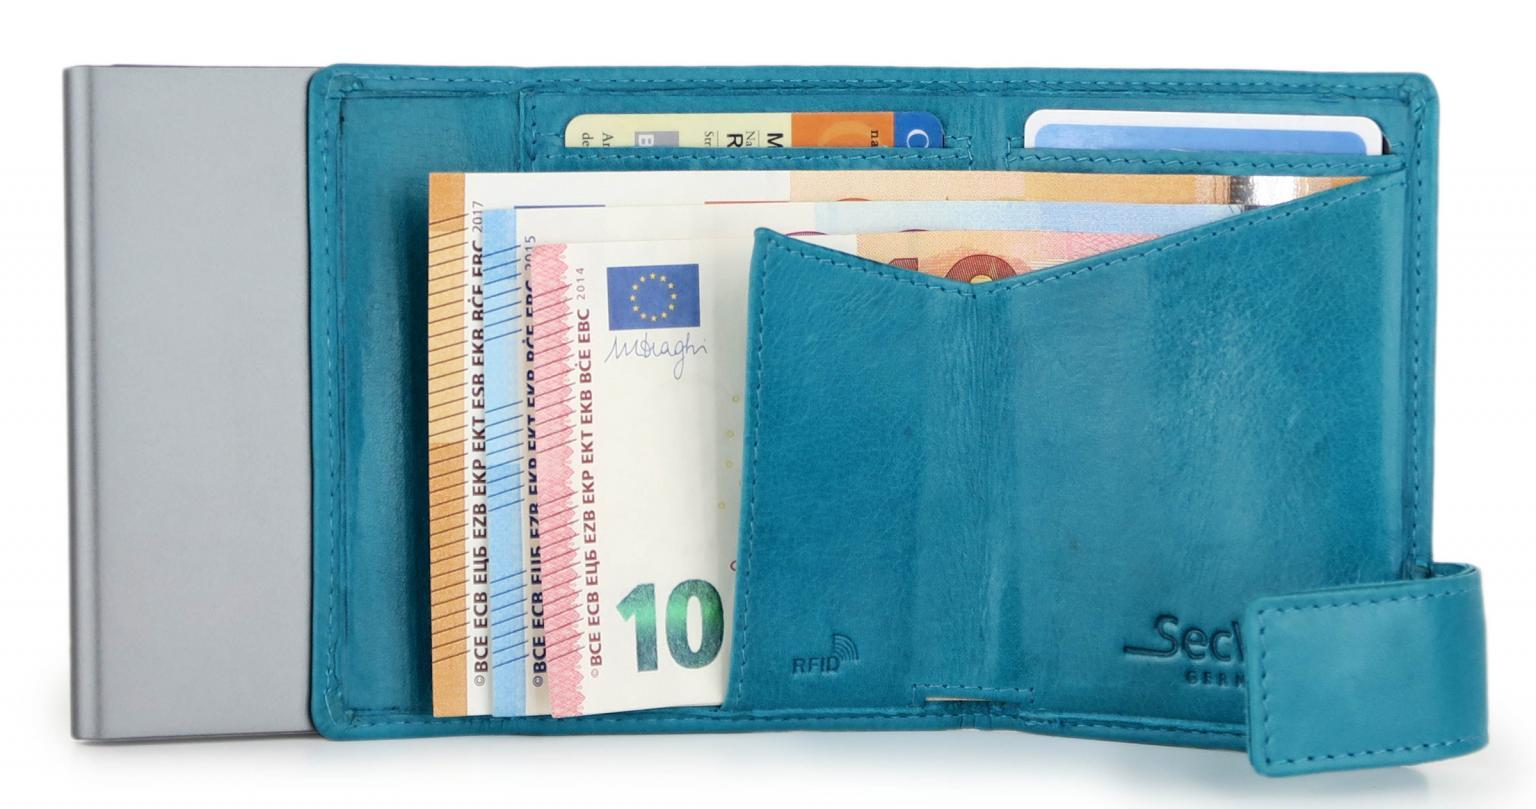 RFID-Schutzbörse SecWal Kartenetui Vintage Münzfach türkis